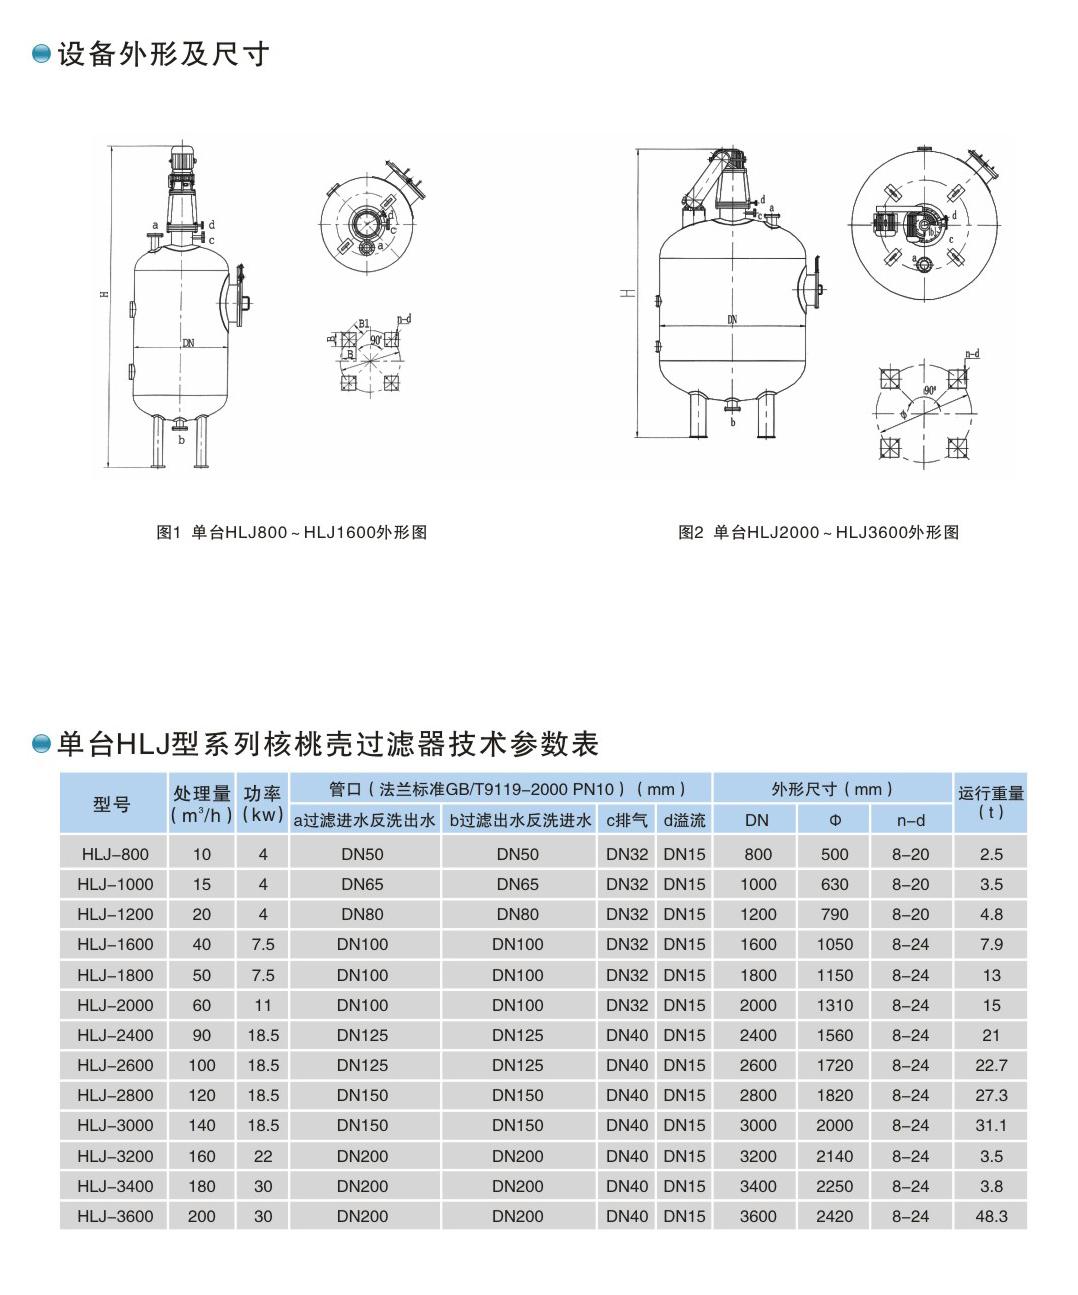 HLJ型核桃壳过滤器(图2)